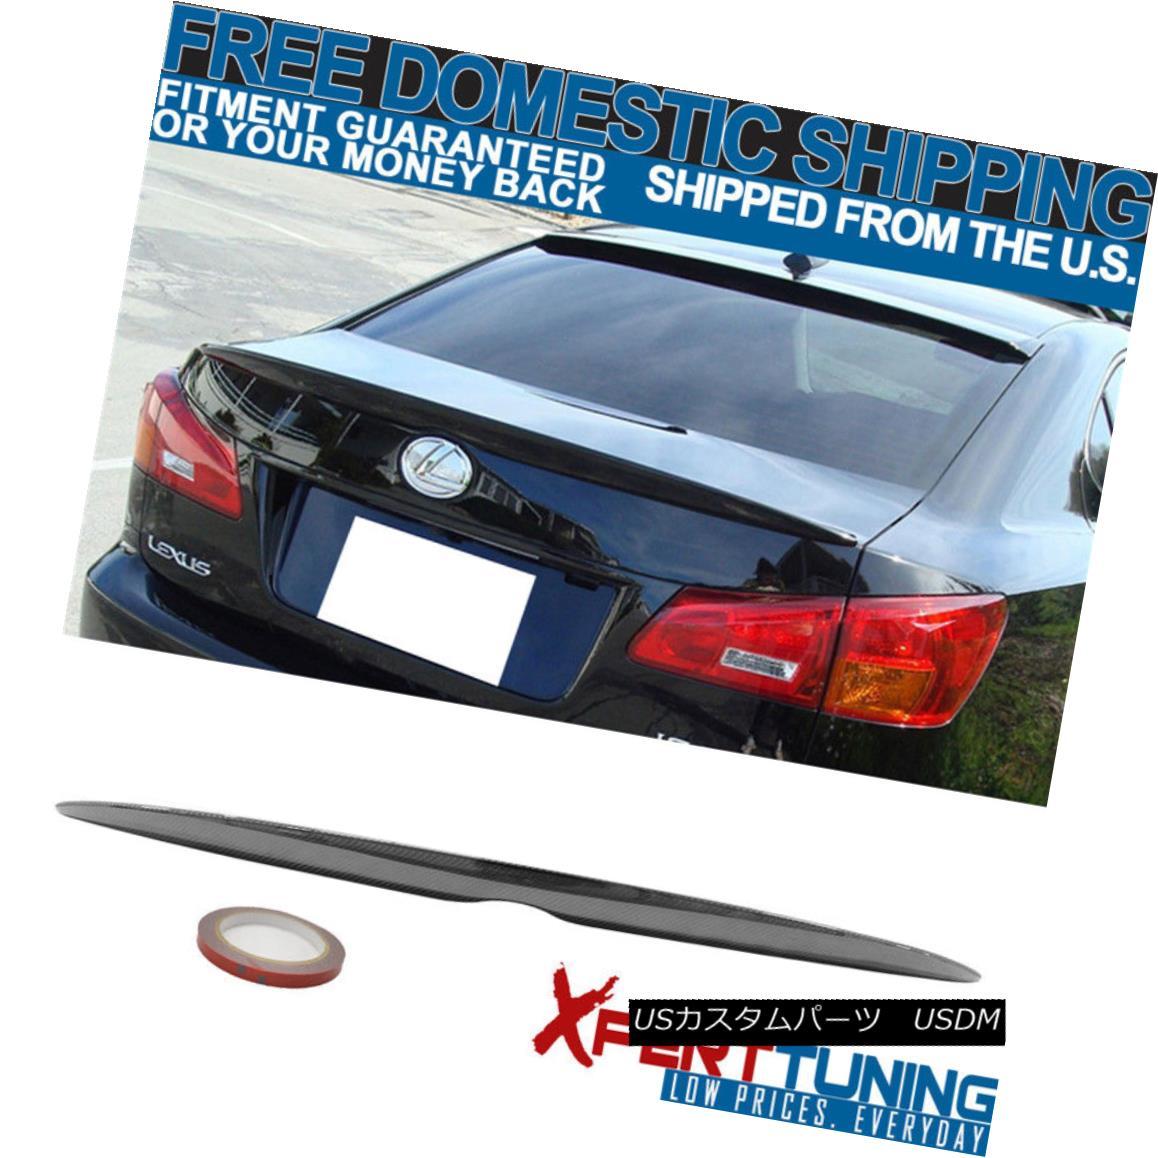 エアロパーツ Fit For 06-13 Lexus IS250 IS350 4D 4Dr OE Carbon Fiber CF Luggage Trunk Spoiler フィット6-13レクサスIS250 IS350 4D 4Dr OE炭素繊維CF荷物のトランク・スポイラー